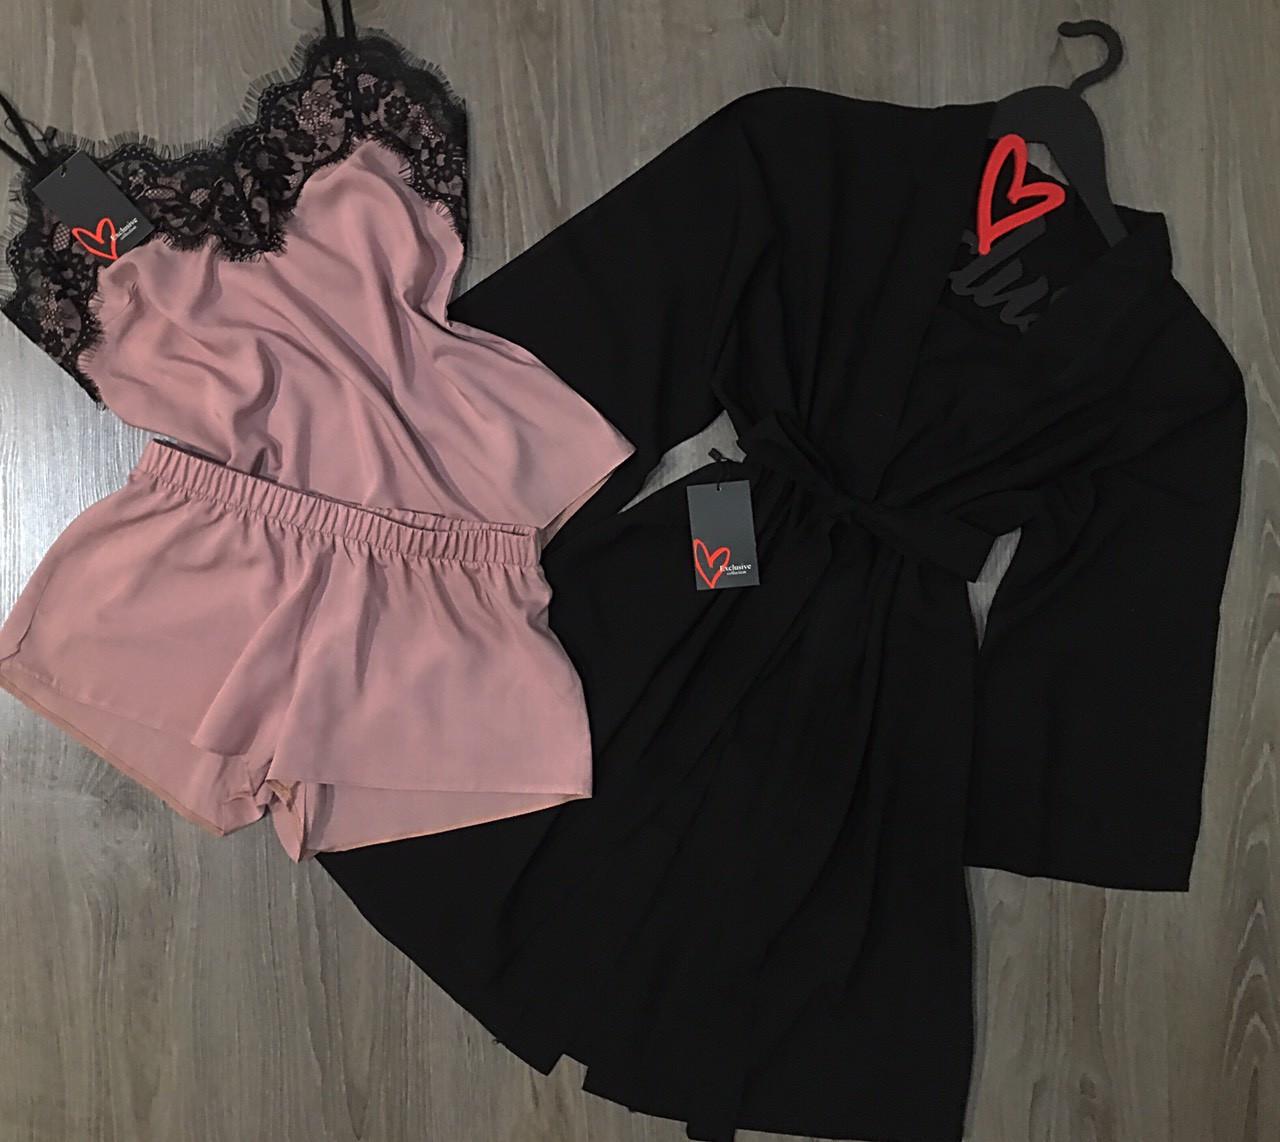 Черно-бежевый хлопковый комплект халат и пижама.